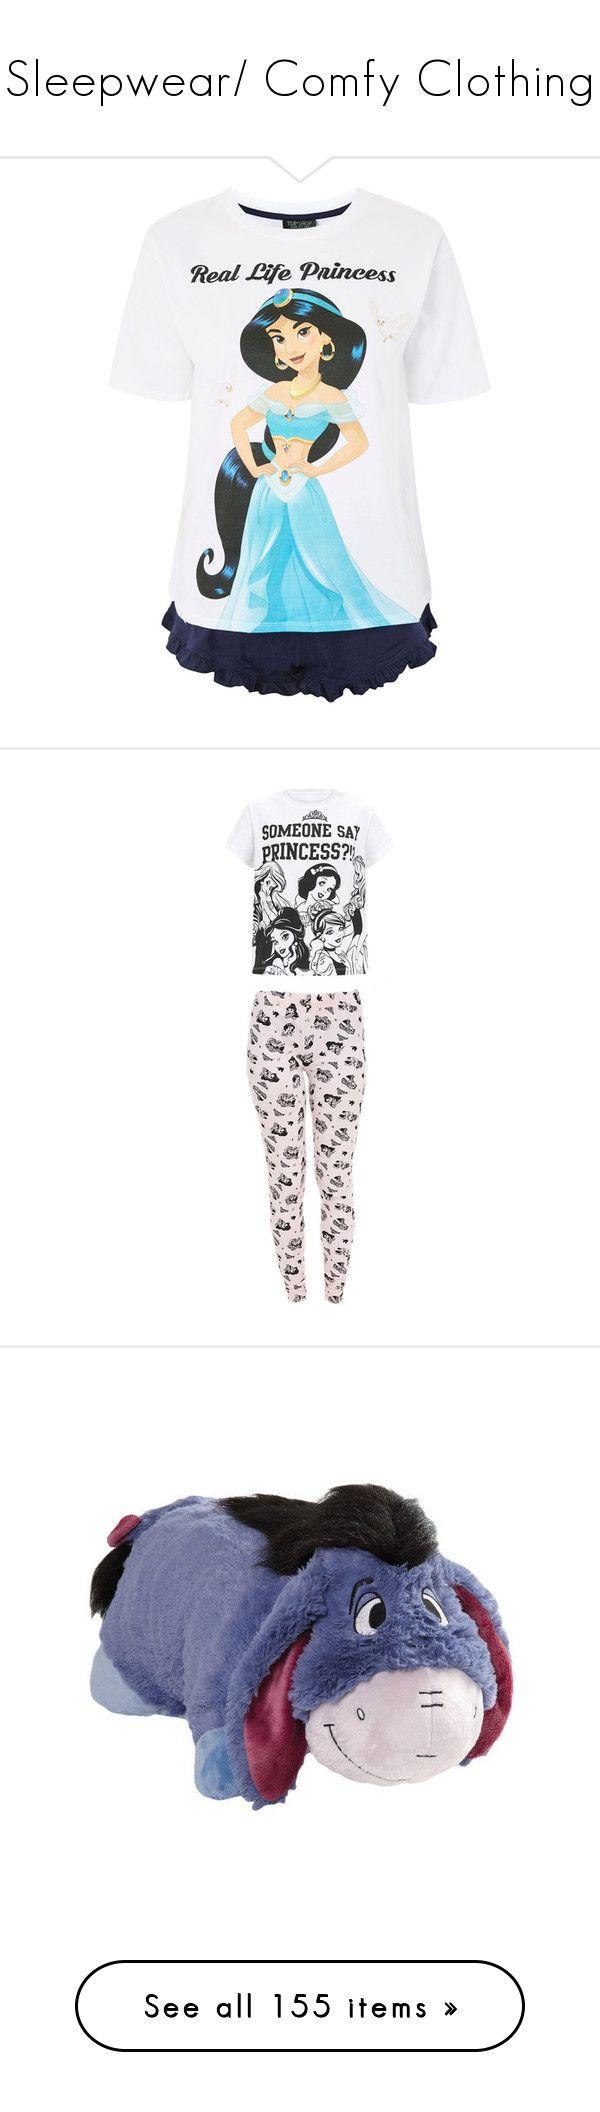 """""""Sleepwear/ Comfy Clothing"""" by xhoneymoonavenuex ❤ liked on Polyvore featuring intimates, sleepwear, pajamas, topshop pyjamas, cotton pajama set, topshop sleepwear, topshop pjs, cotton pjs, disney pajamas and white pajamas"""